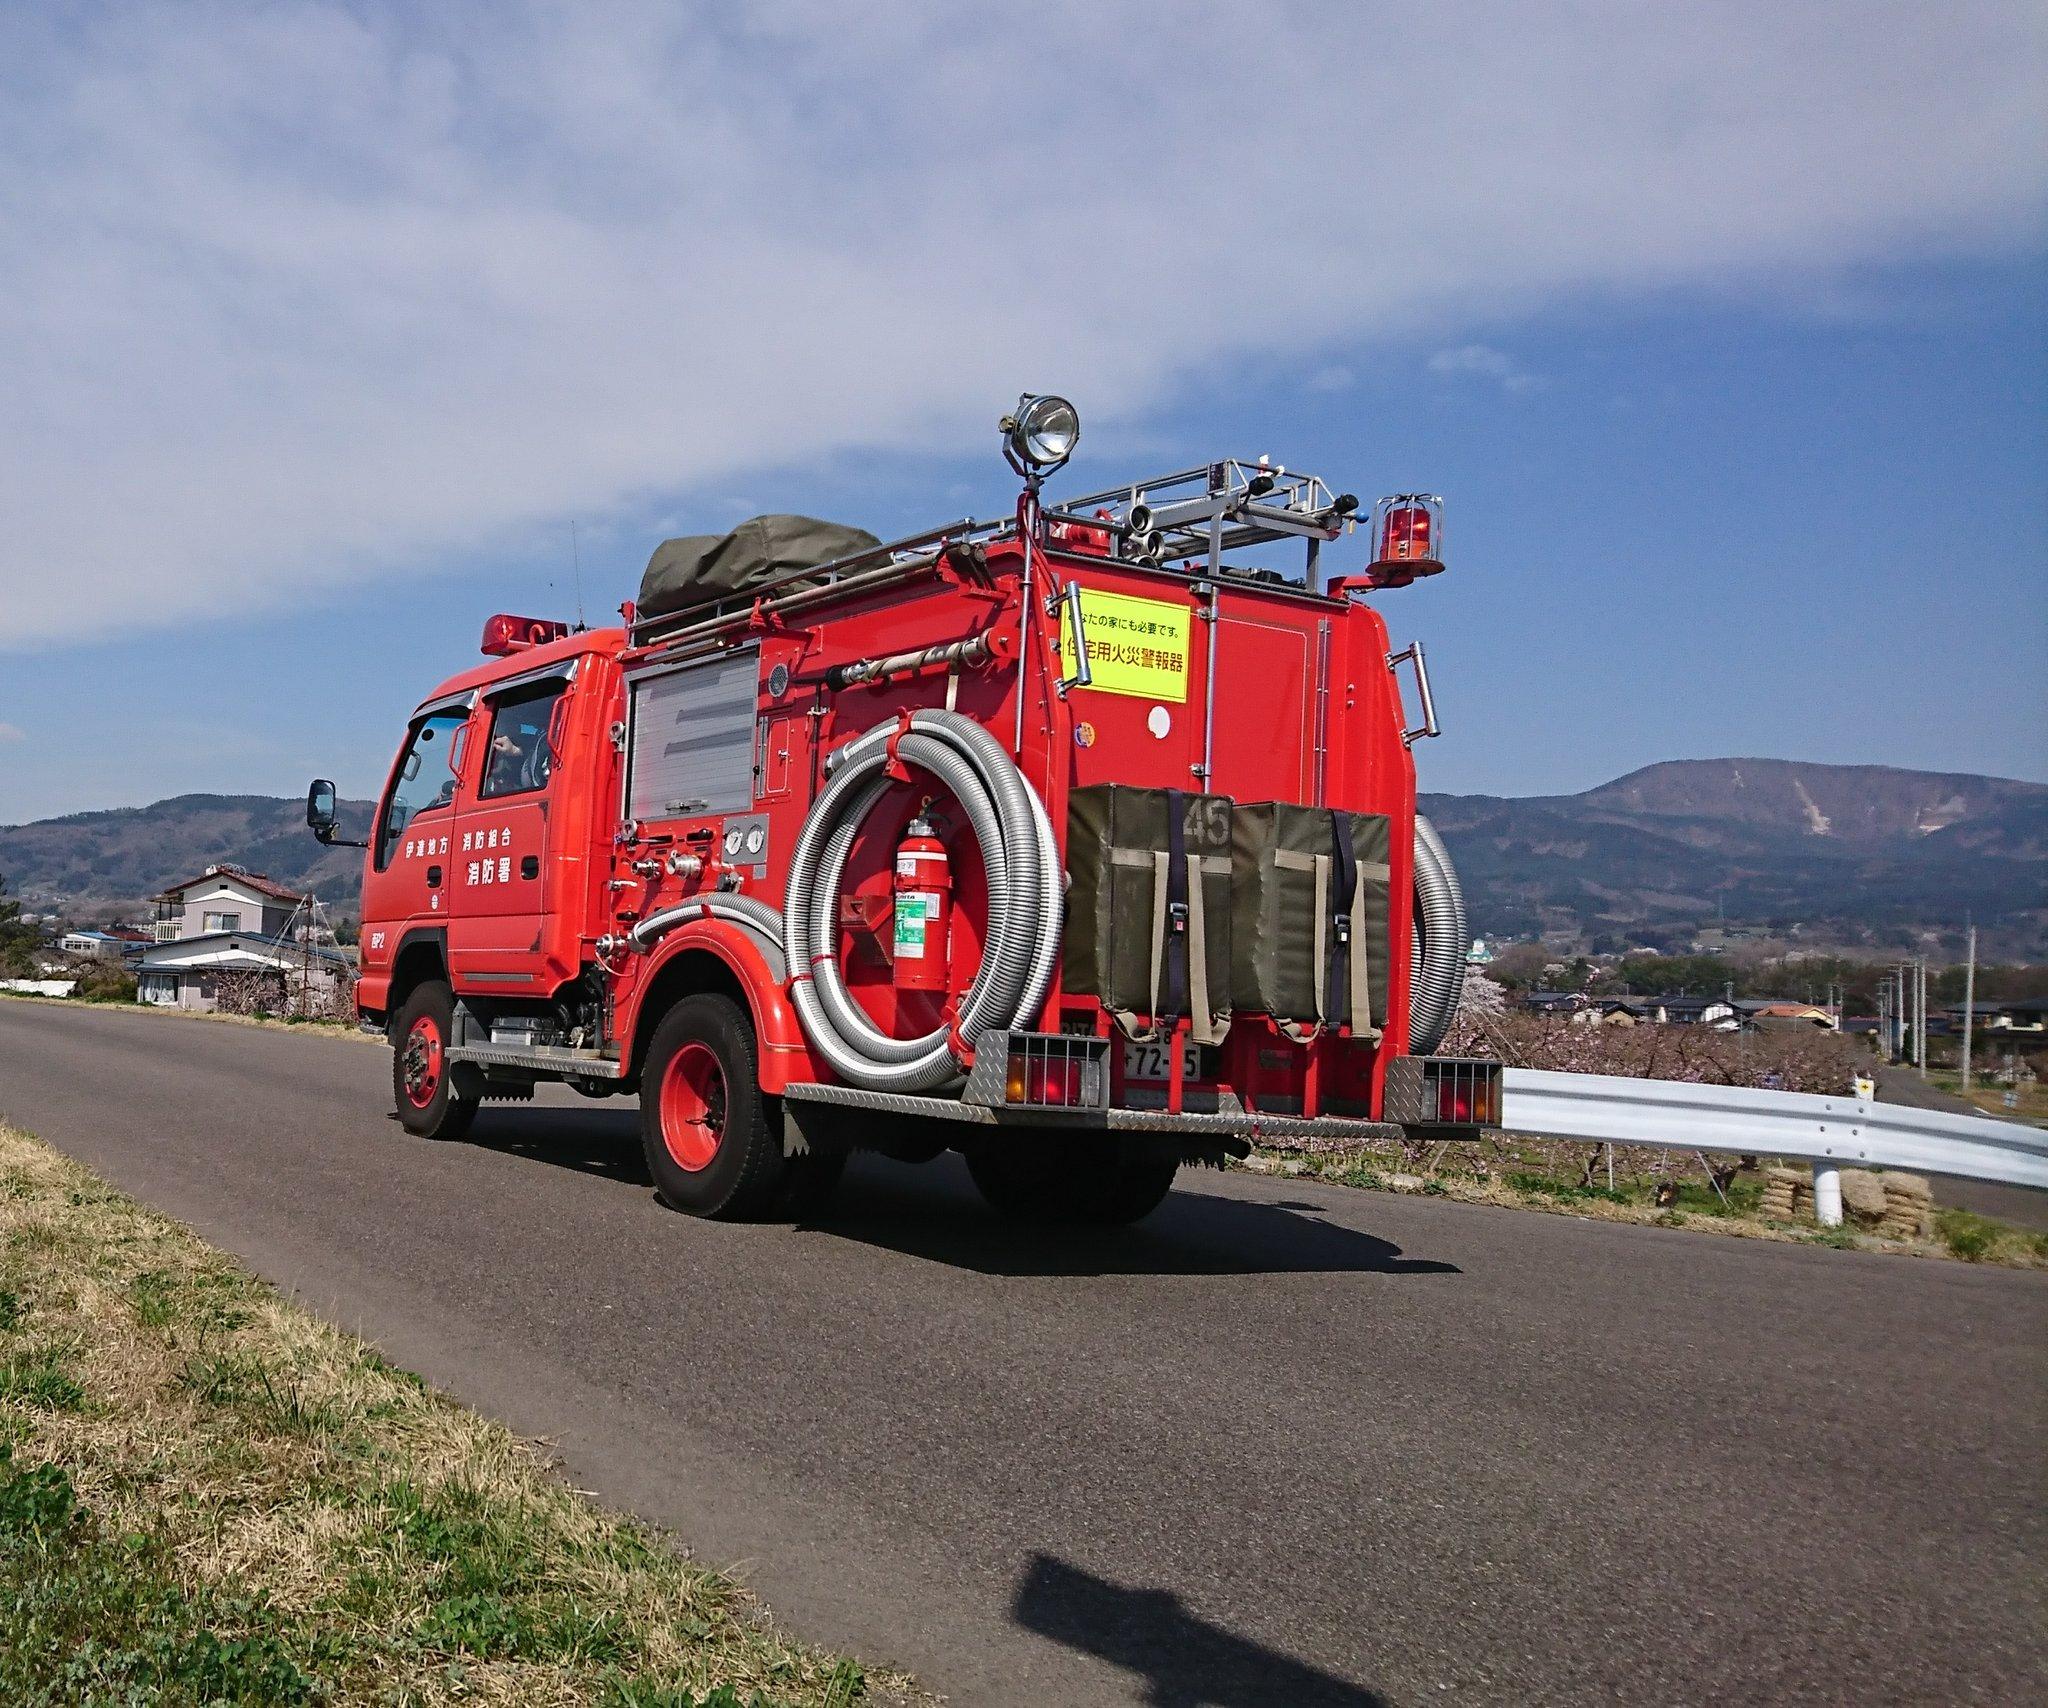 画像,川まで来たら消防車まで来たんだけどなに? #伊達郡 #阿武隈川 https://t.co/3ISEL4yT07。